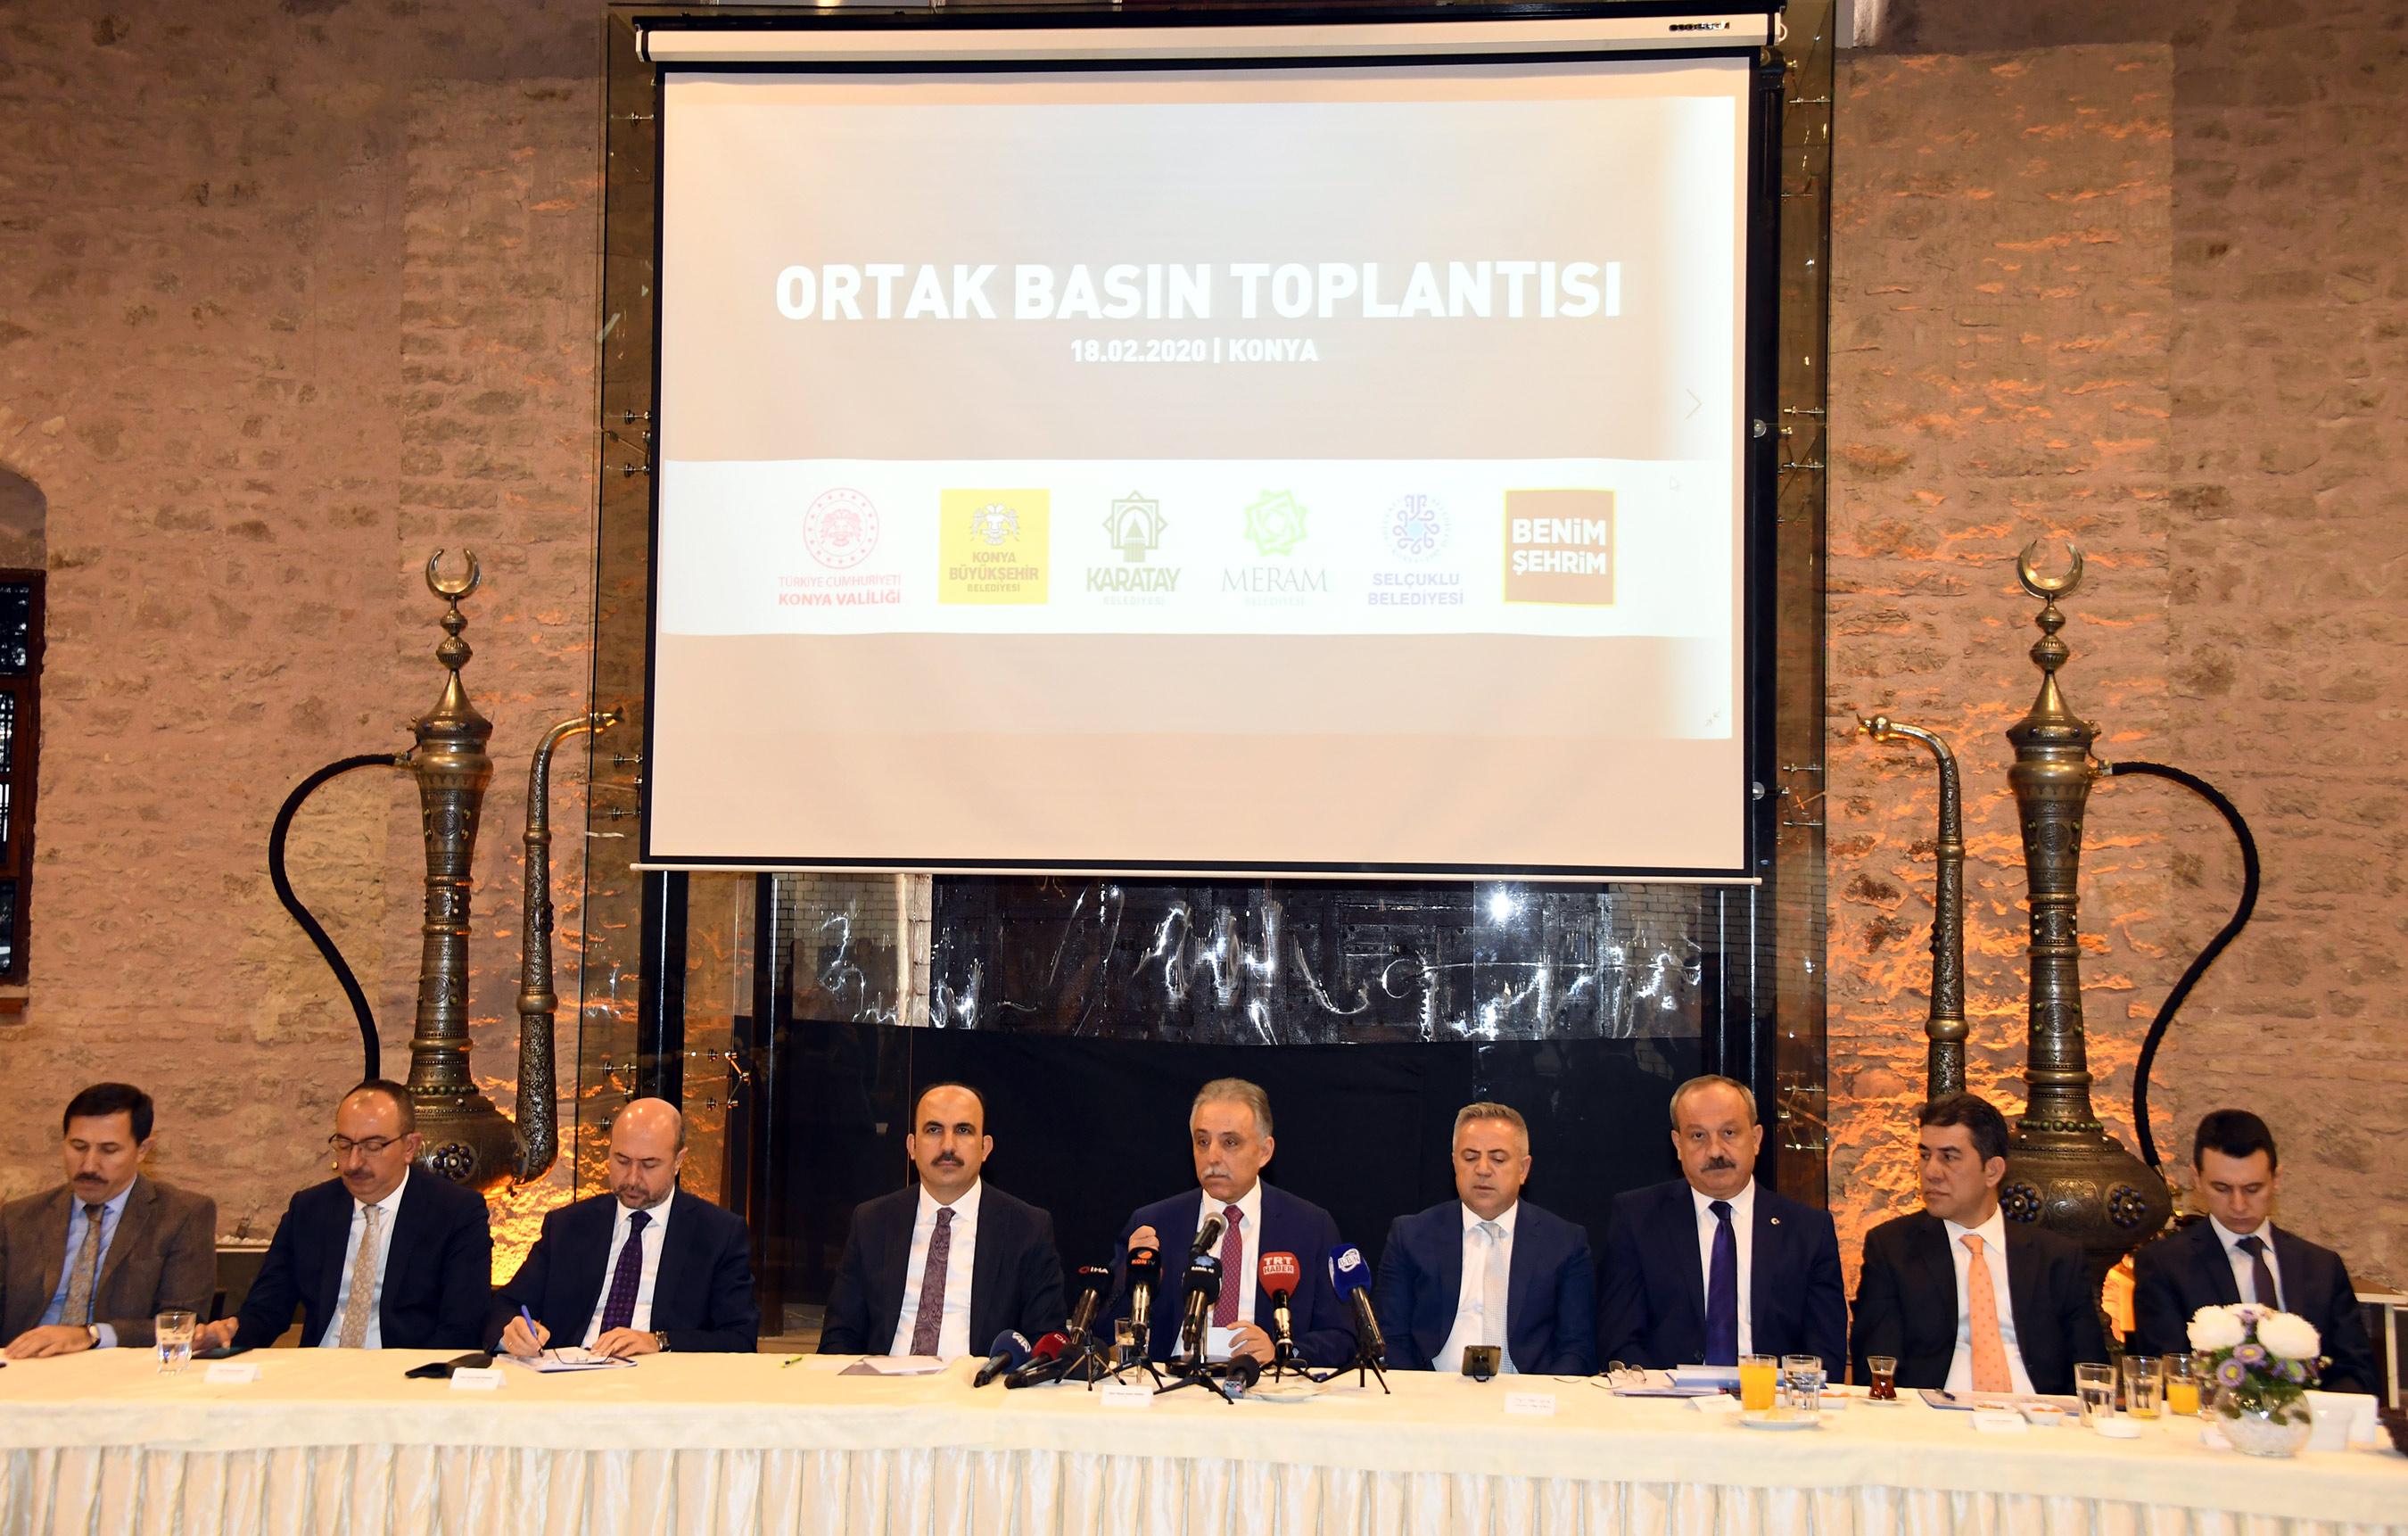 Konya'da vatandaşları rahatsız edecek eylemlere müsaade edilmeyecek!